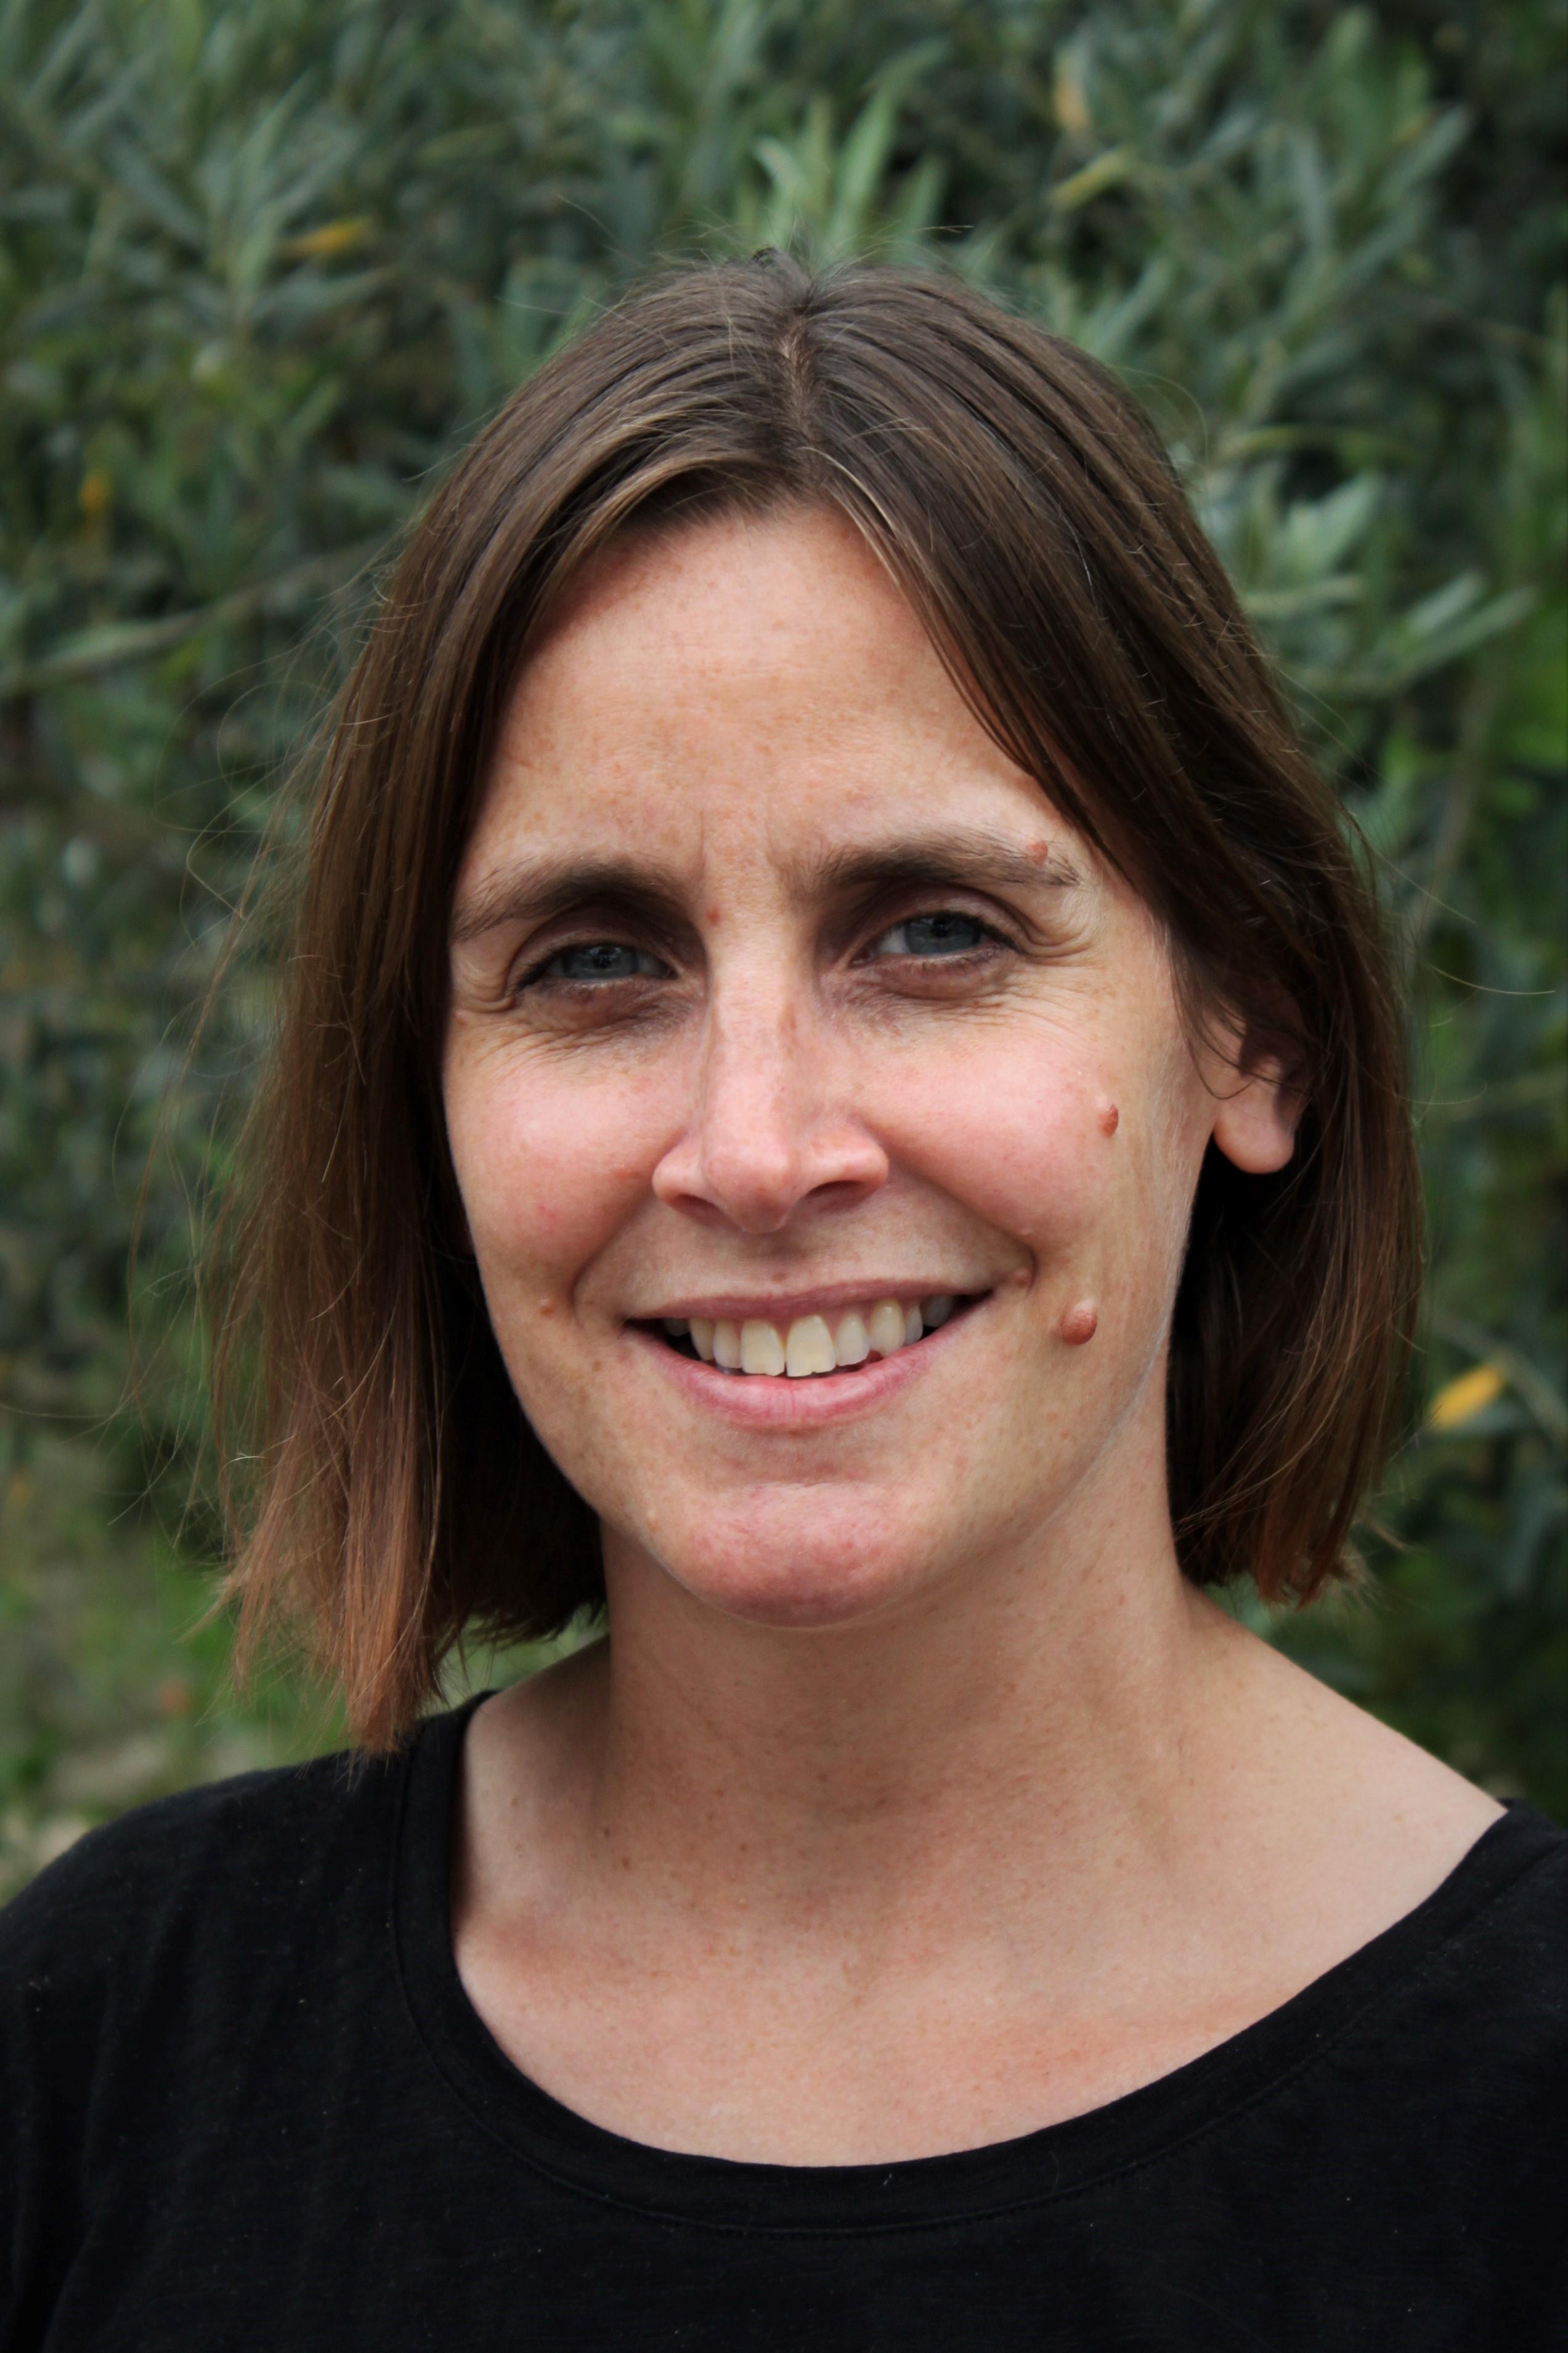 Samantha Fairgrieve